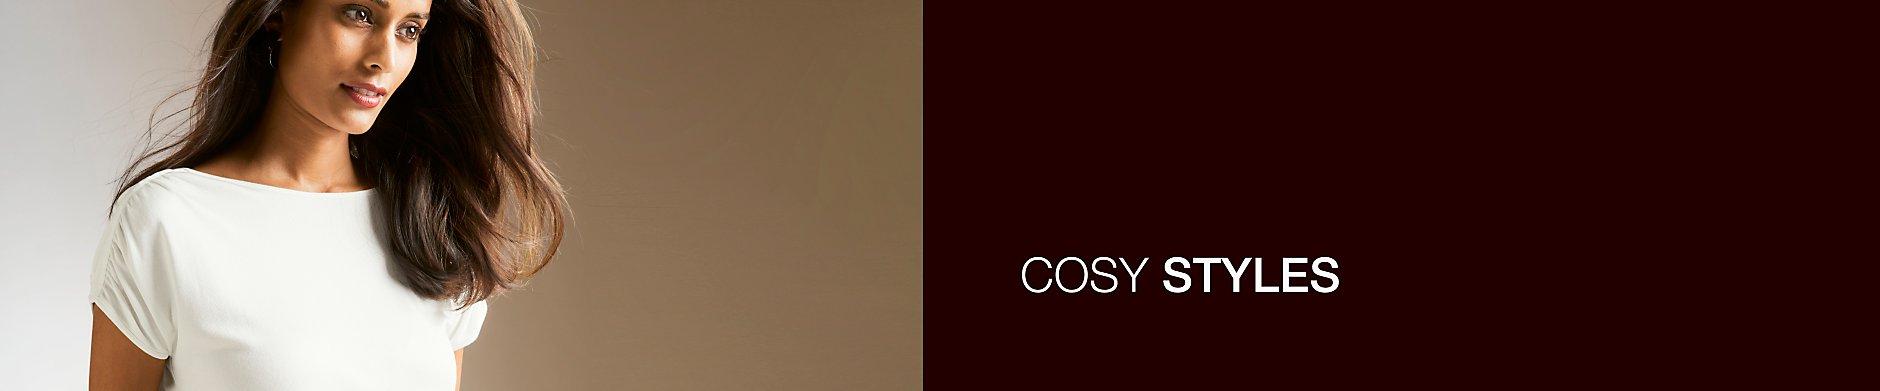 COSY STYLES